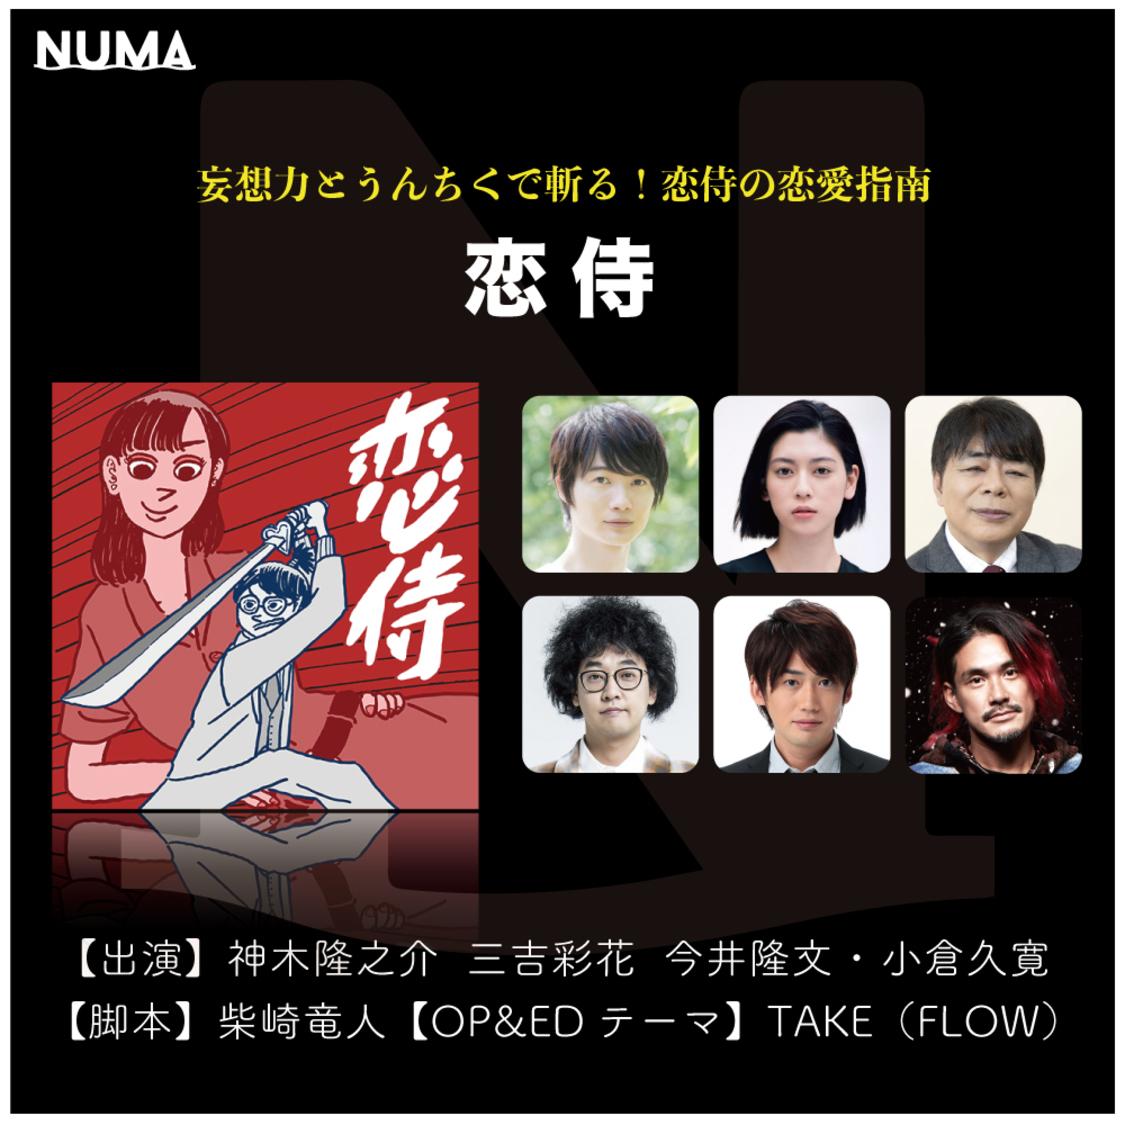 三吉彩花×神木隆之介出演『恋侍』、イヤーコンテンツ配信サイト『NUMA』にて明日4/1解禁!